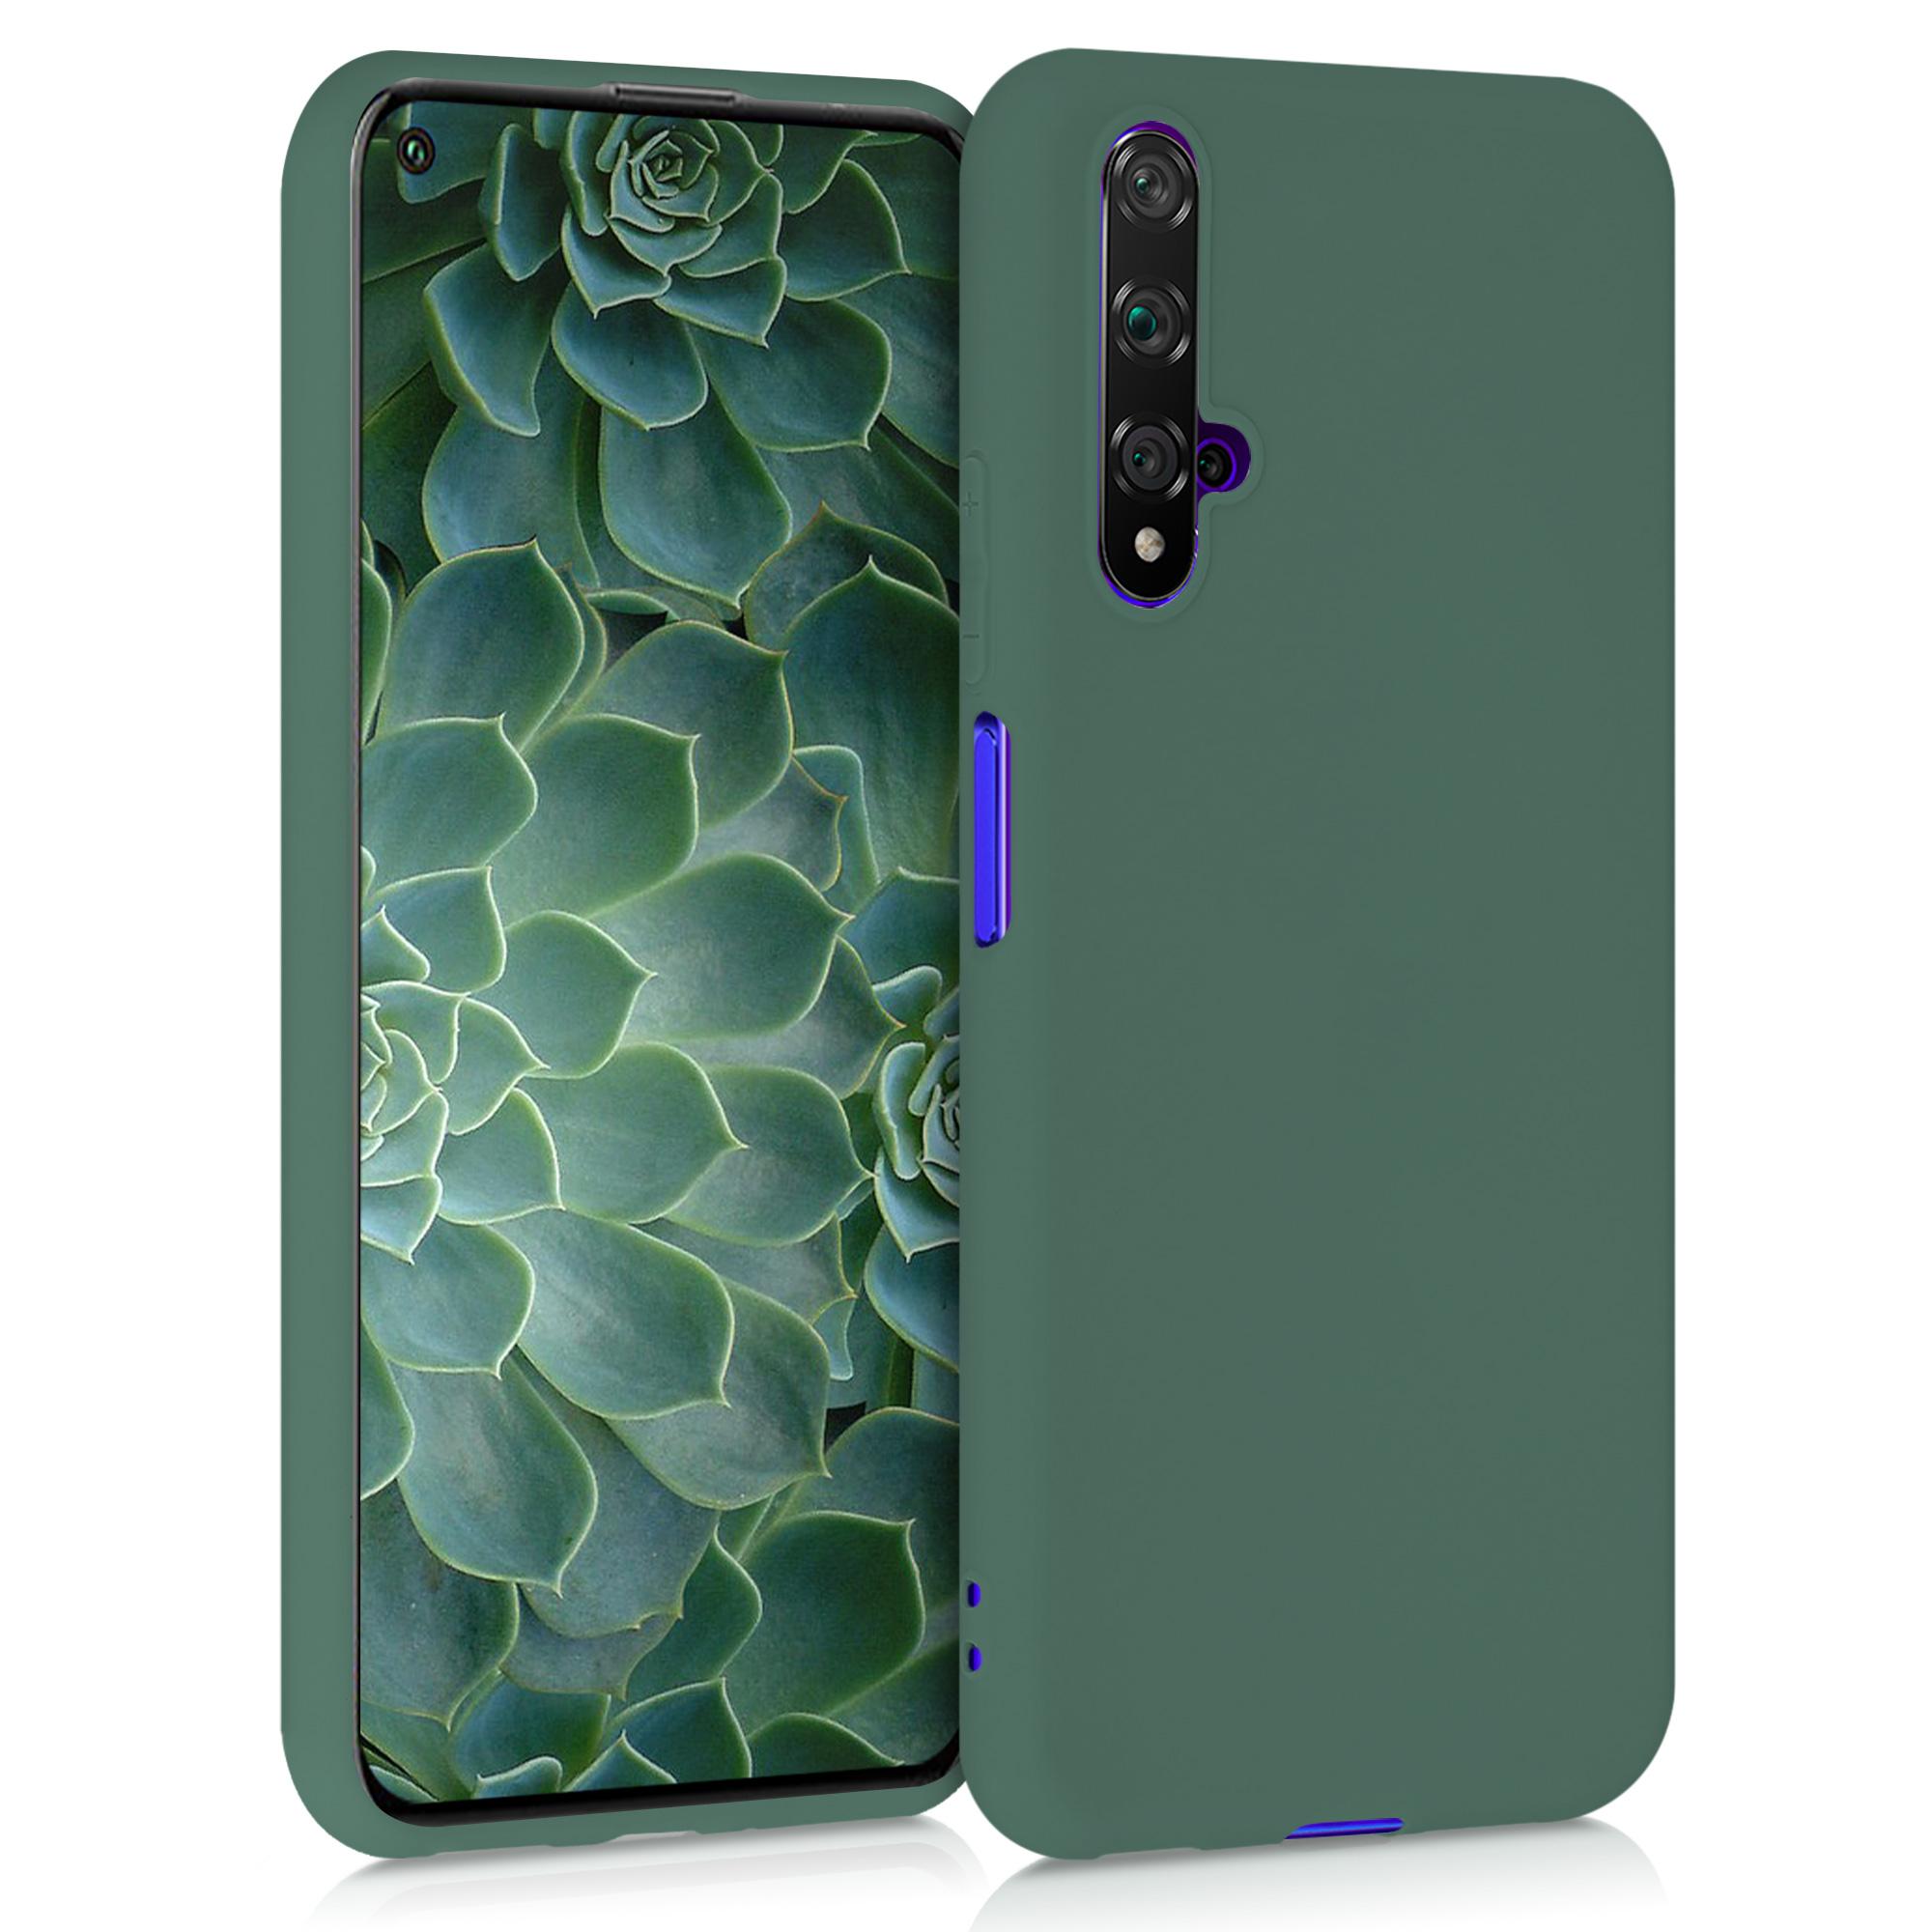 Modrozelené silikonové pouzdro / obal pro Huawei Nova 5T